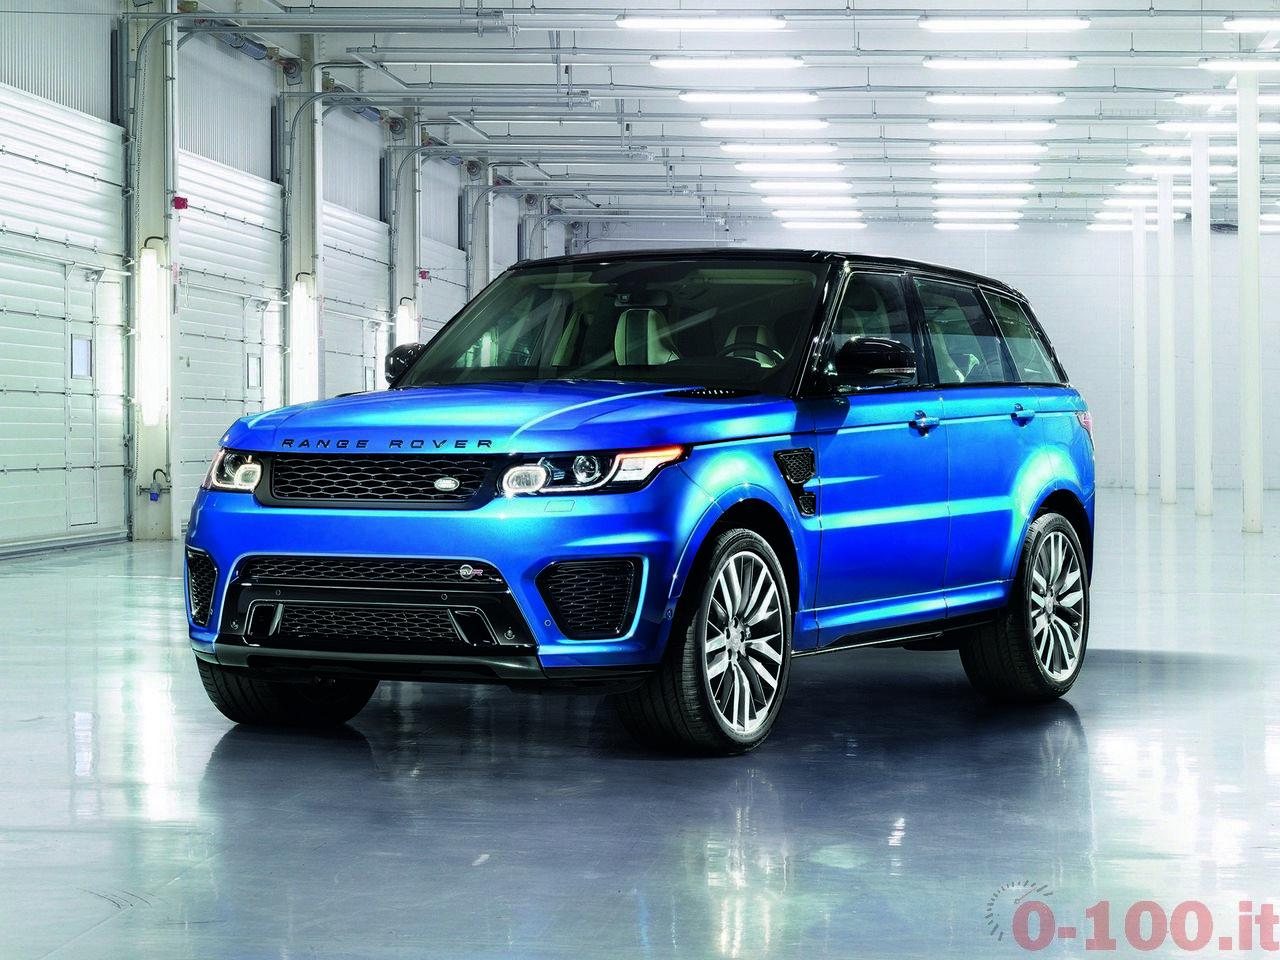 land-rover-range-rover-sport-svr-0-100-price-prezzo_27